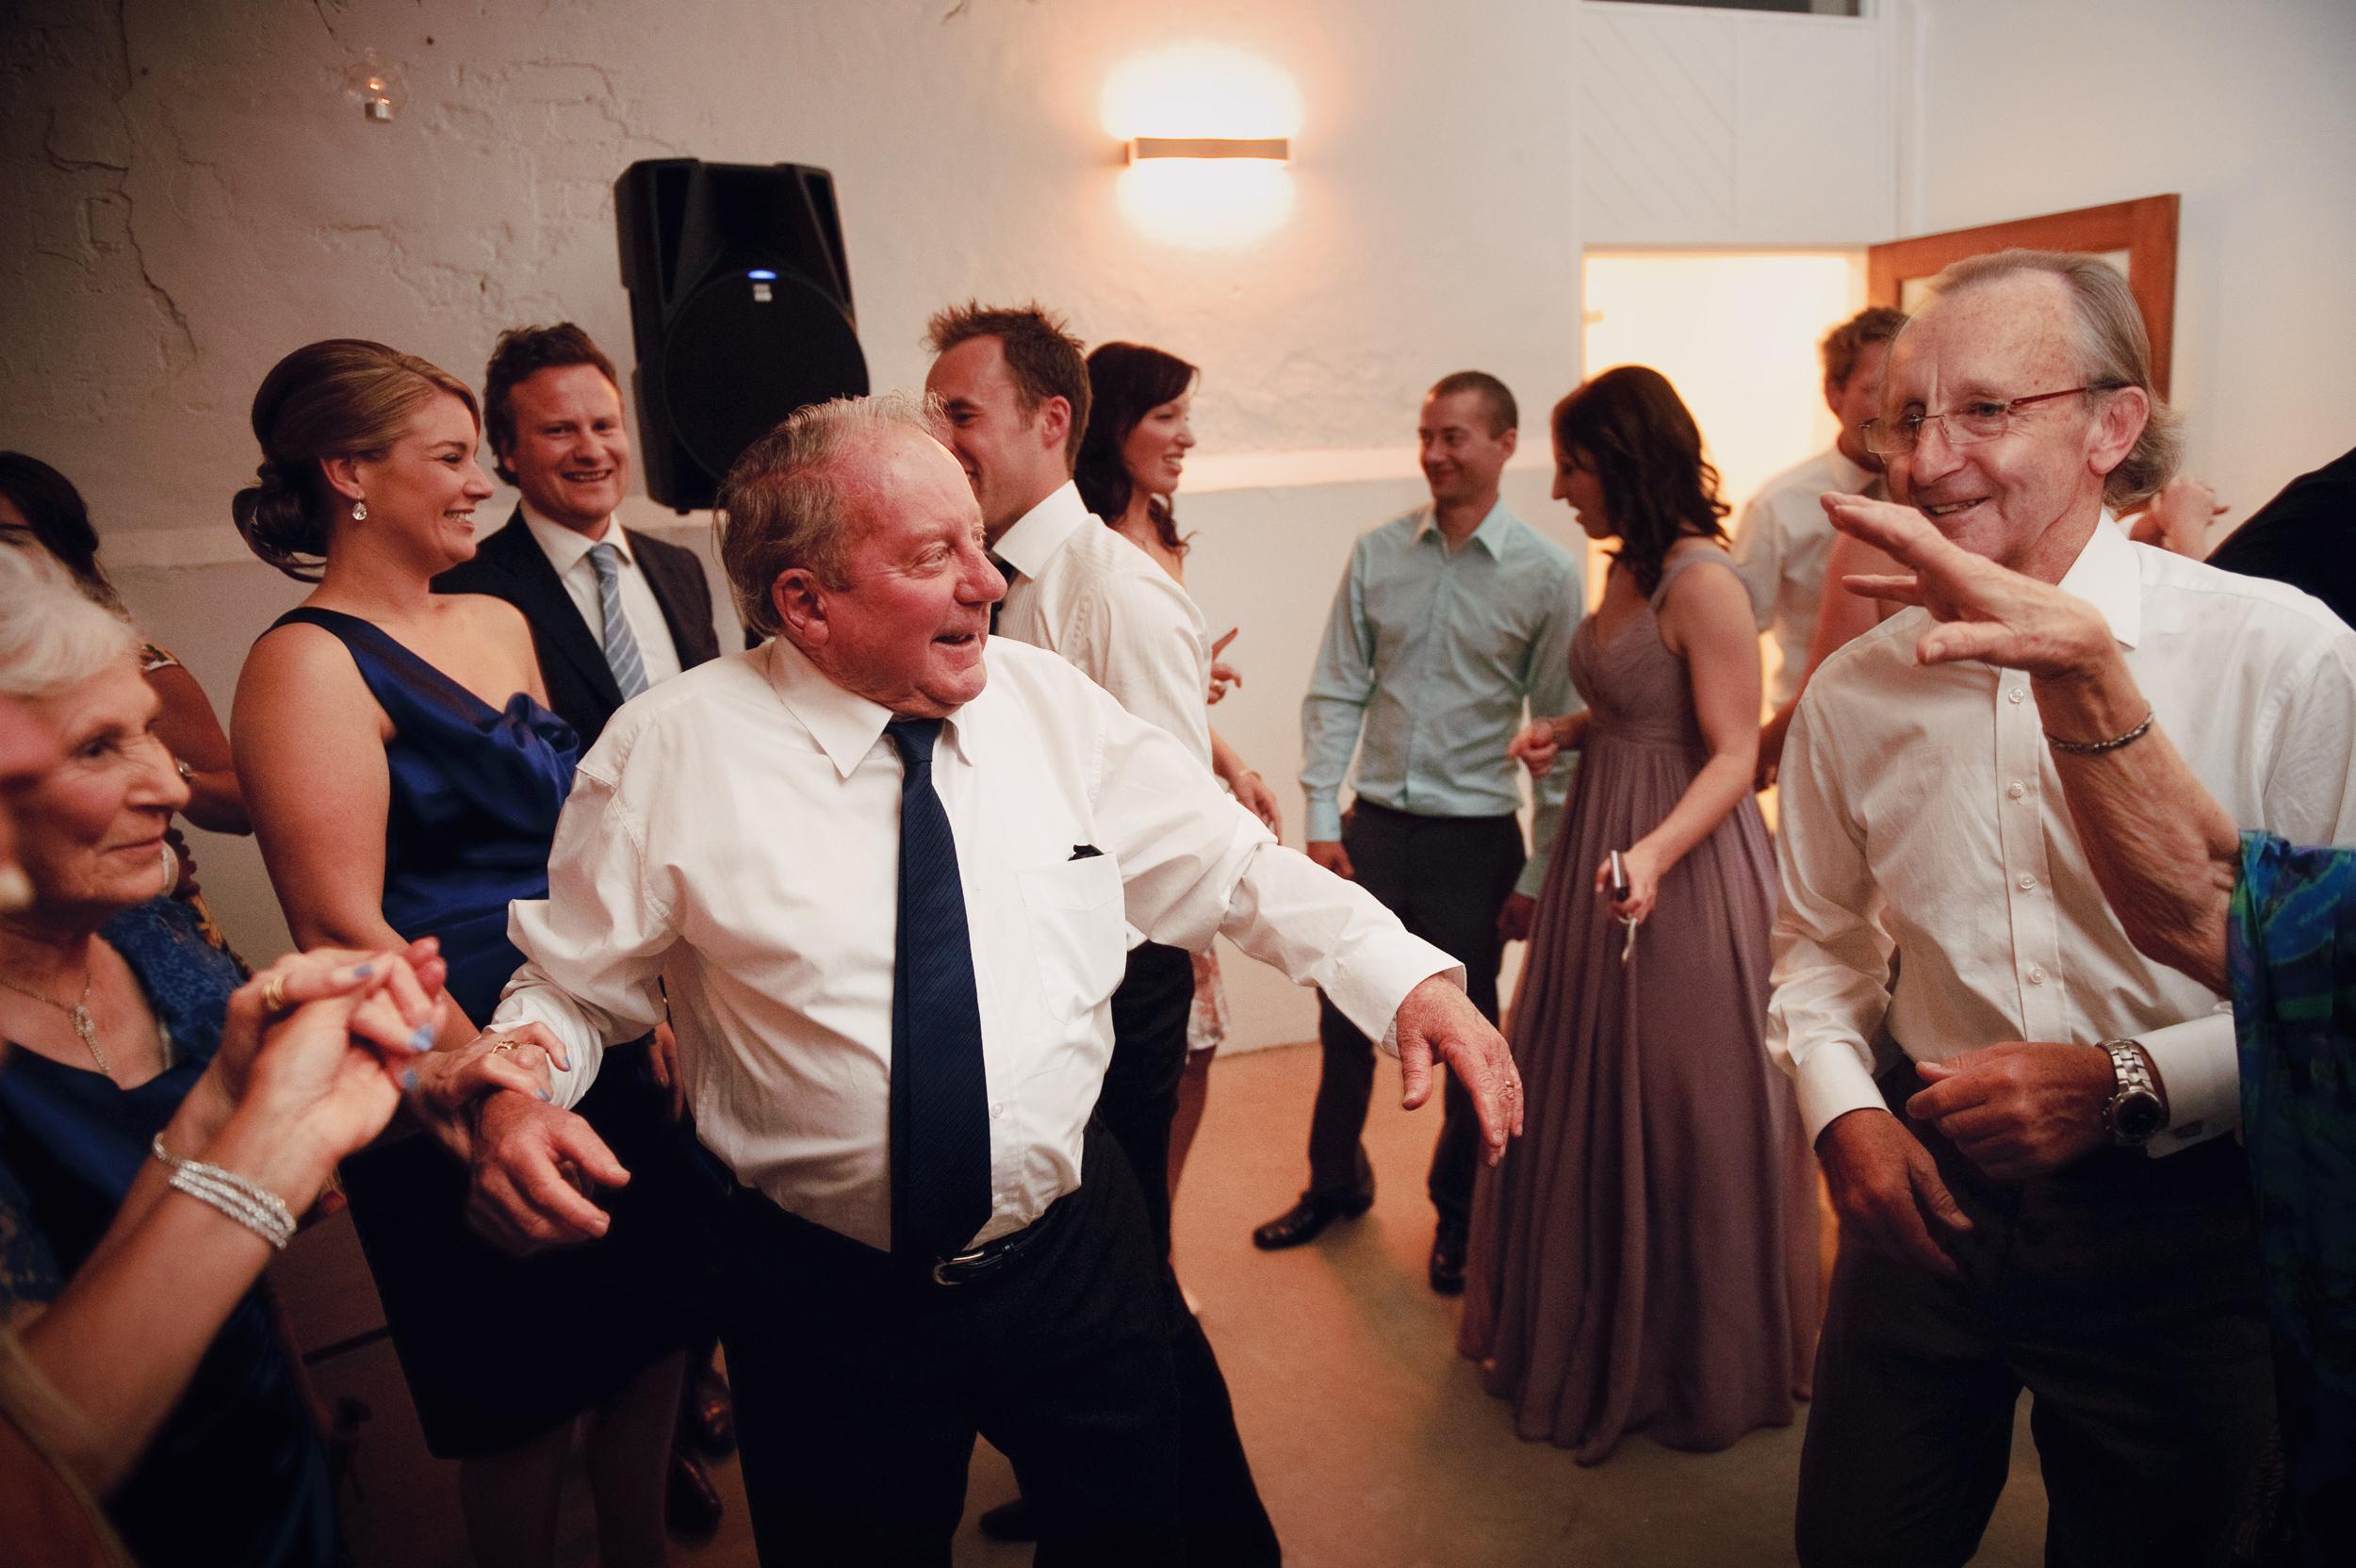 euroa_butter_factory_wedding_photography_95.jpg